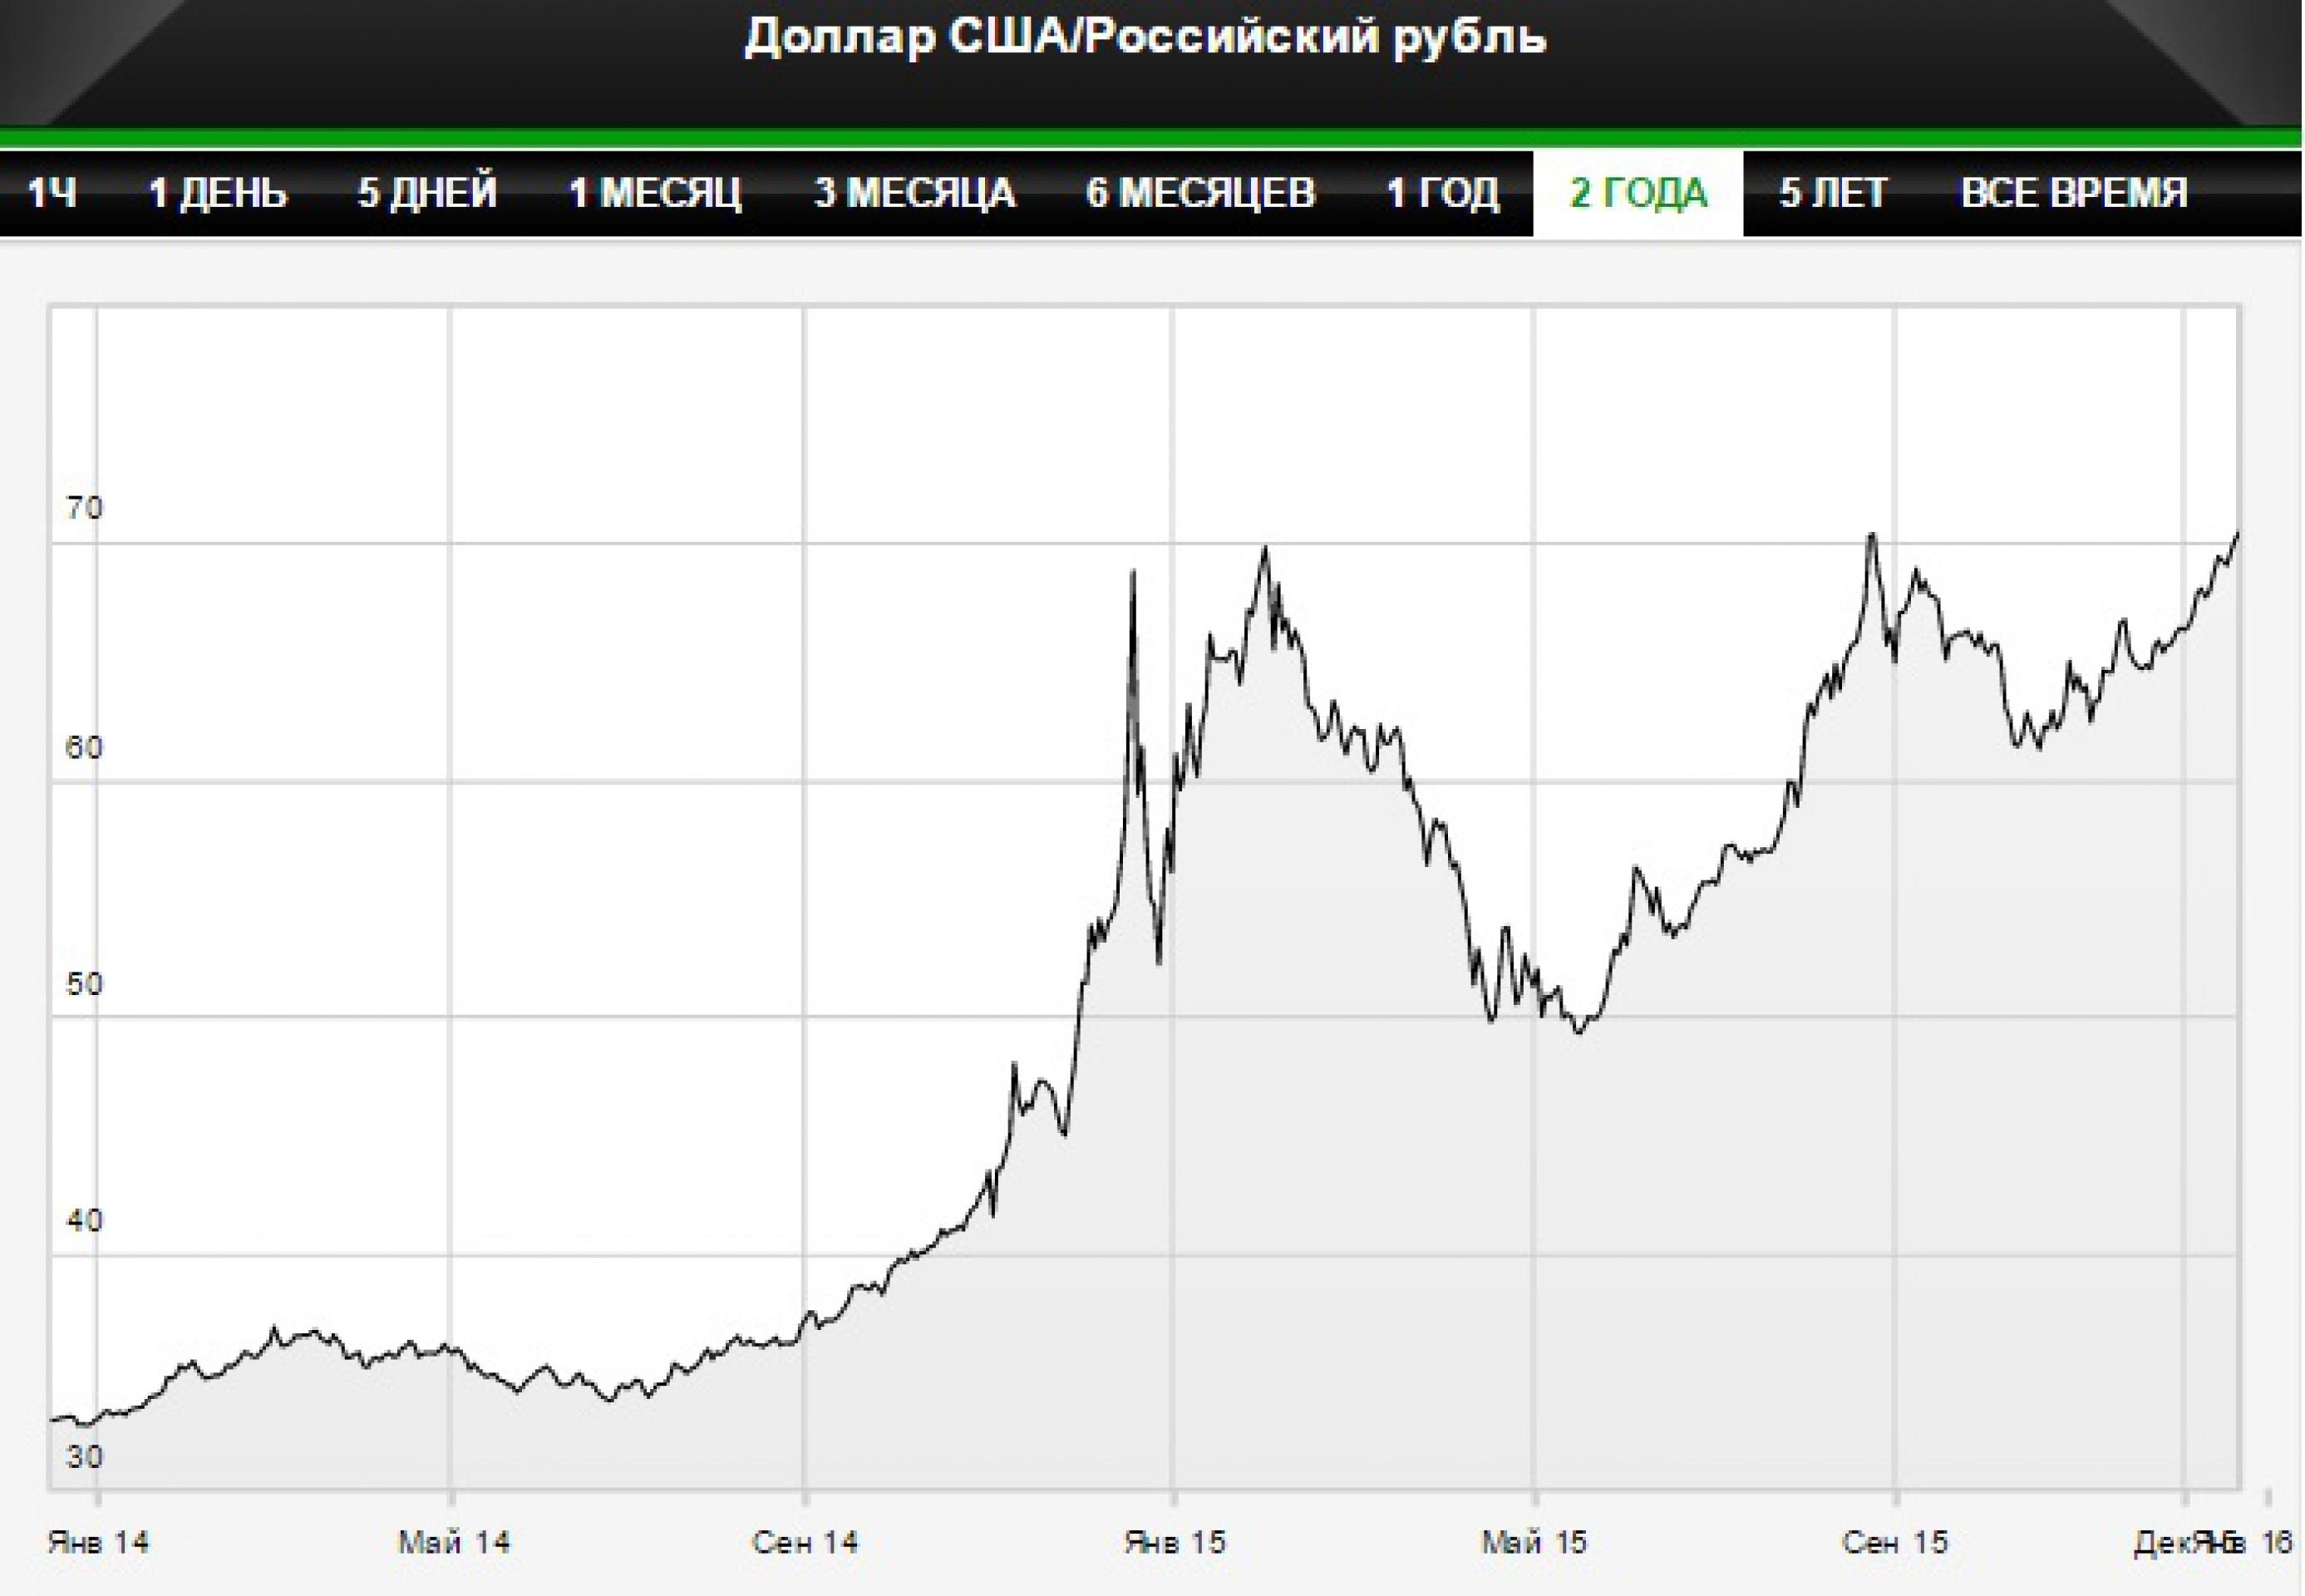 Дна не видно: рубль и нефть падают, как в кризис